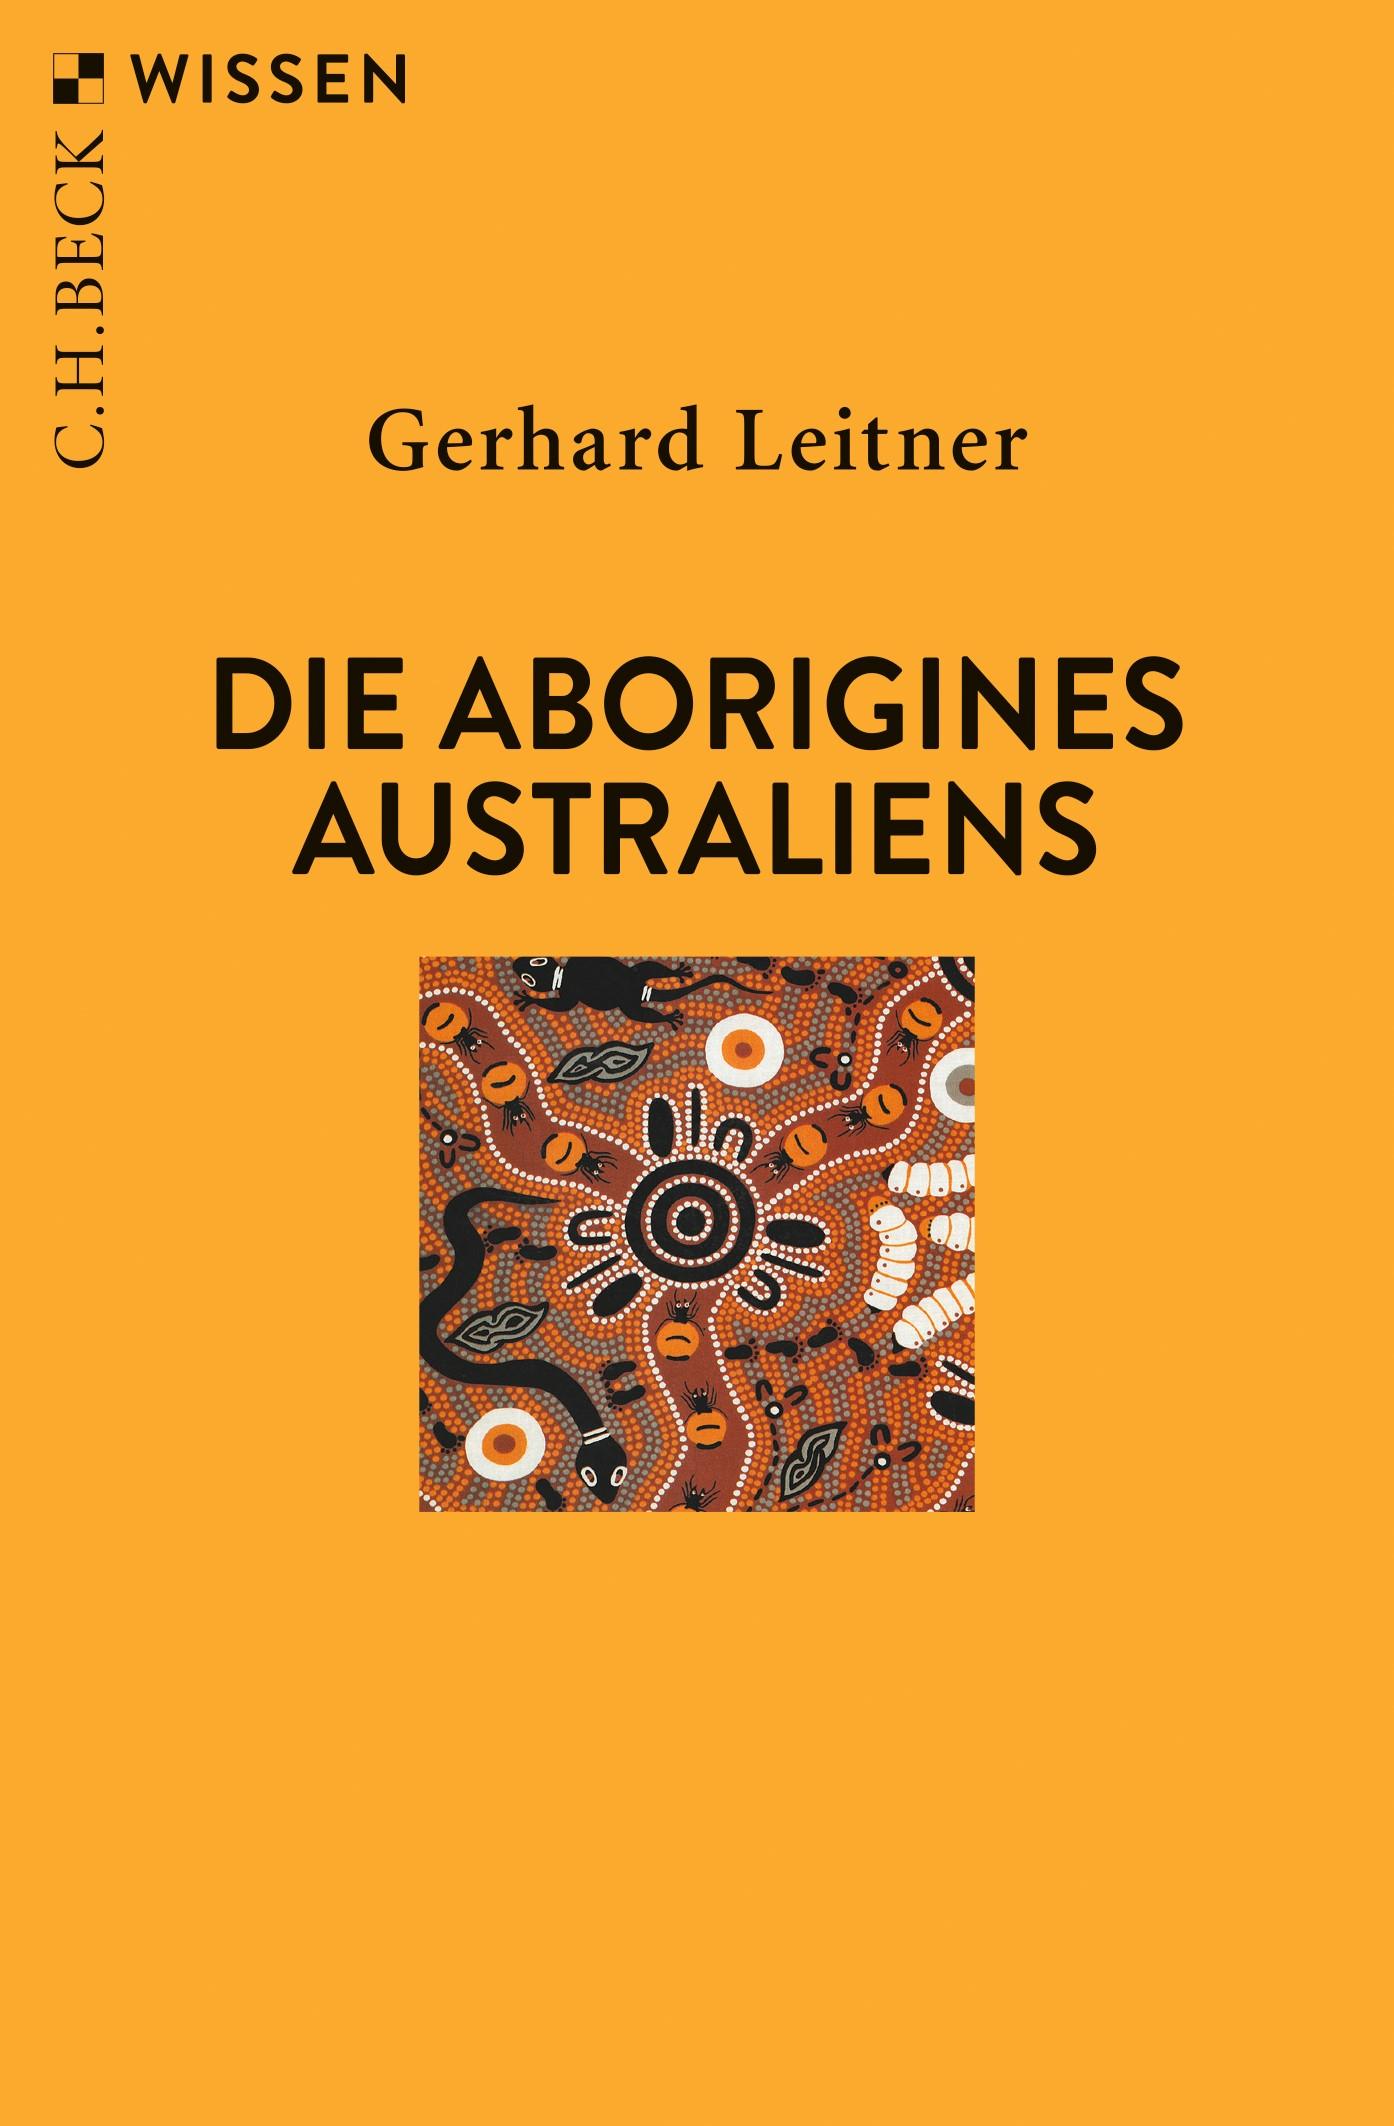 Die Aborigines Australiens | Leitner, Gerhard | 3., überarbeitete Auflage, 2019 | Buch (Cover)